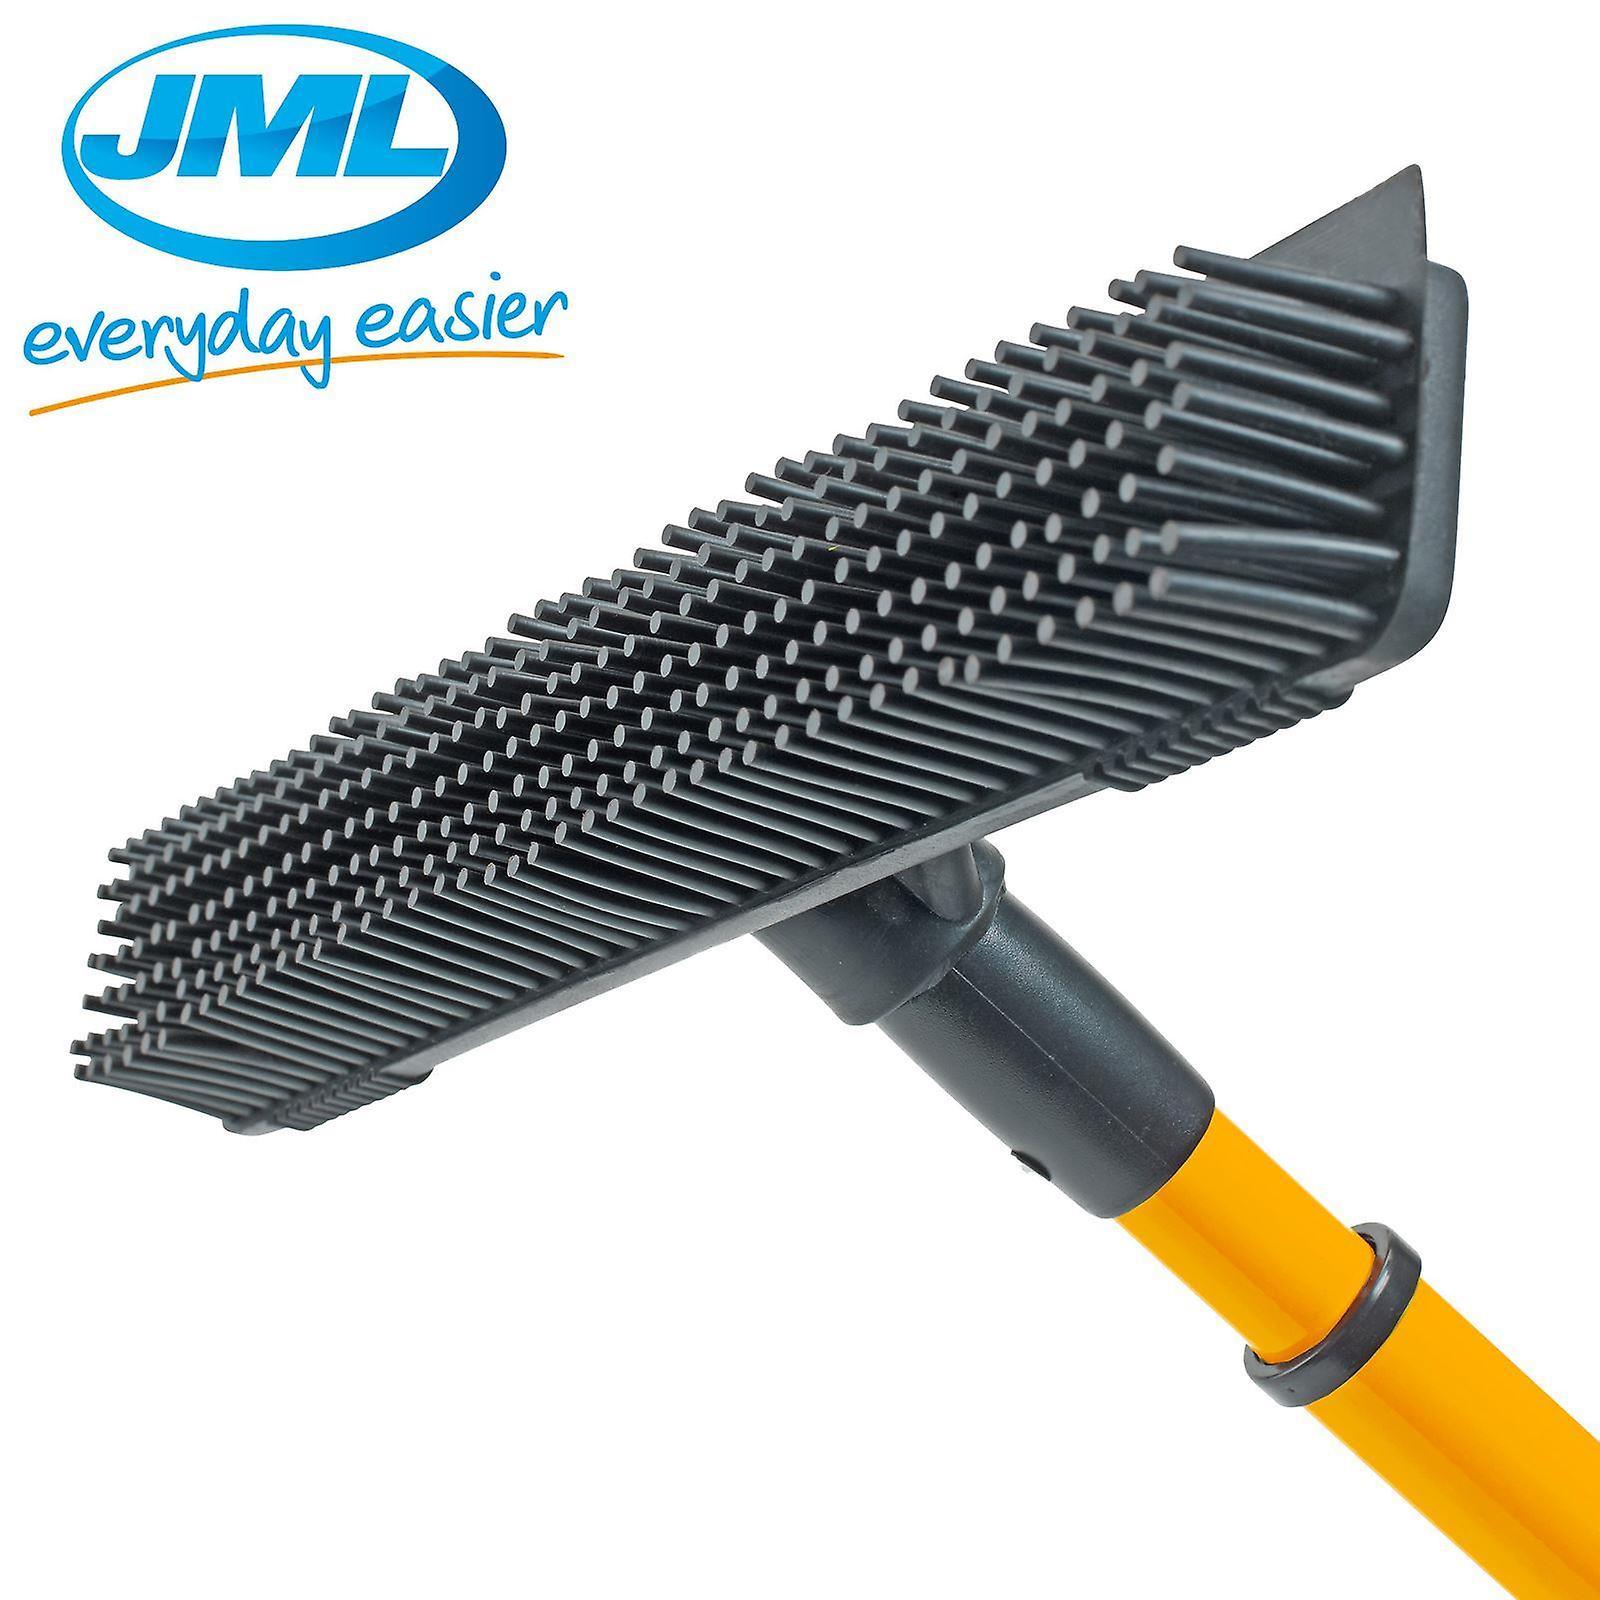 JML gomma Wonderbroom